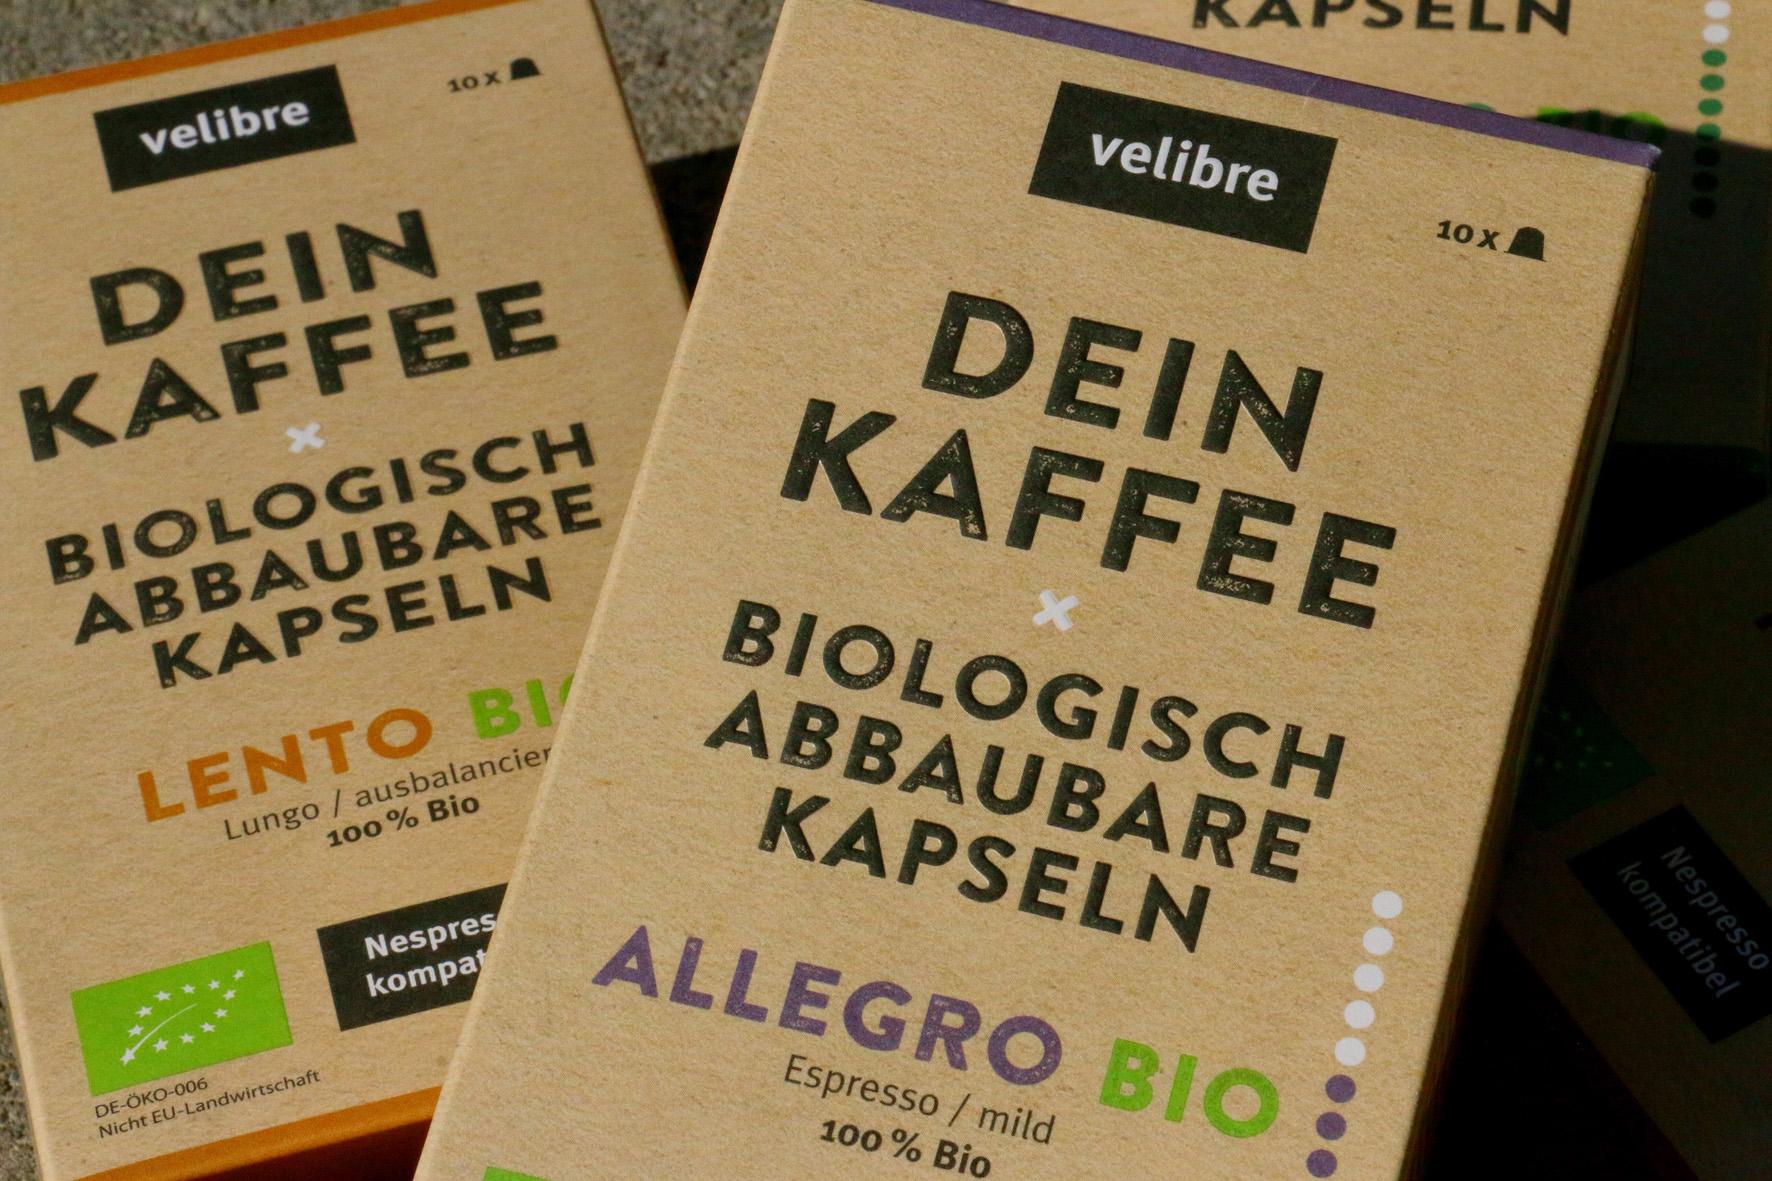 velibre-bio-kaffee-biologisch-abbaubare-kaffeekapseln